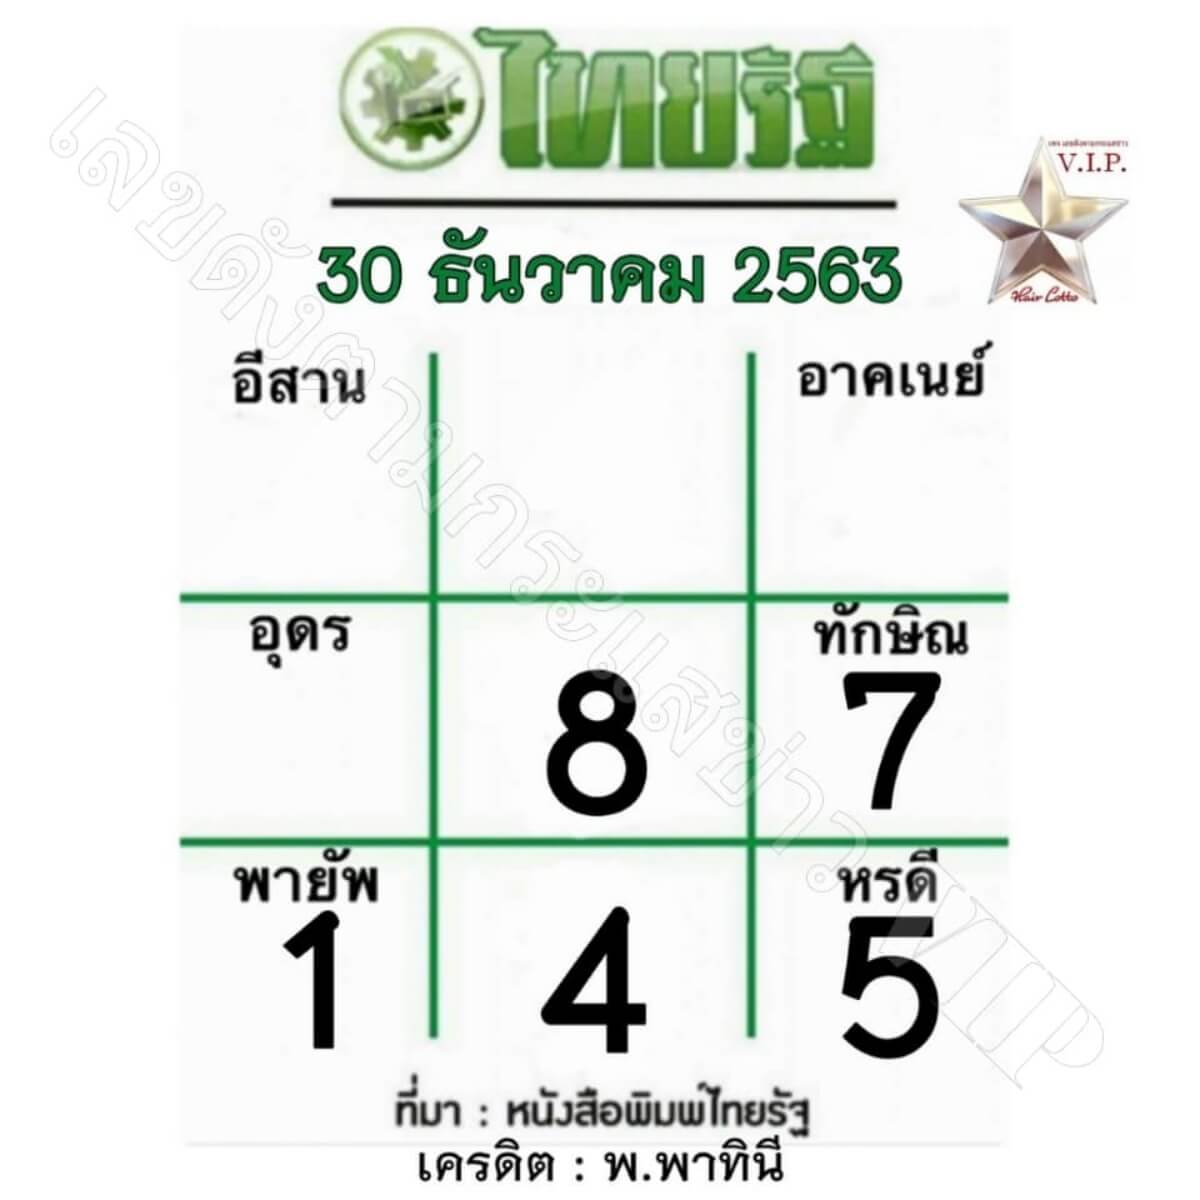 รูปแบบเลขหวยไทยรัฐ 30/12/63